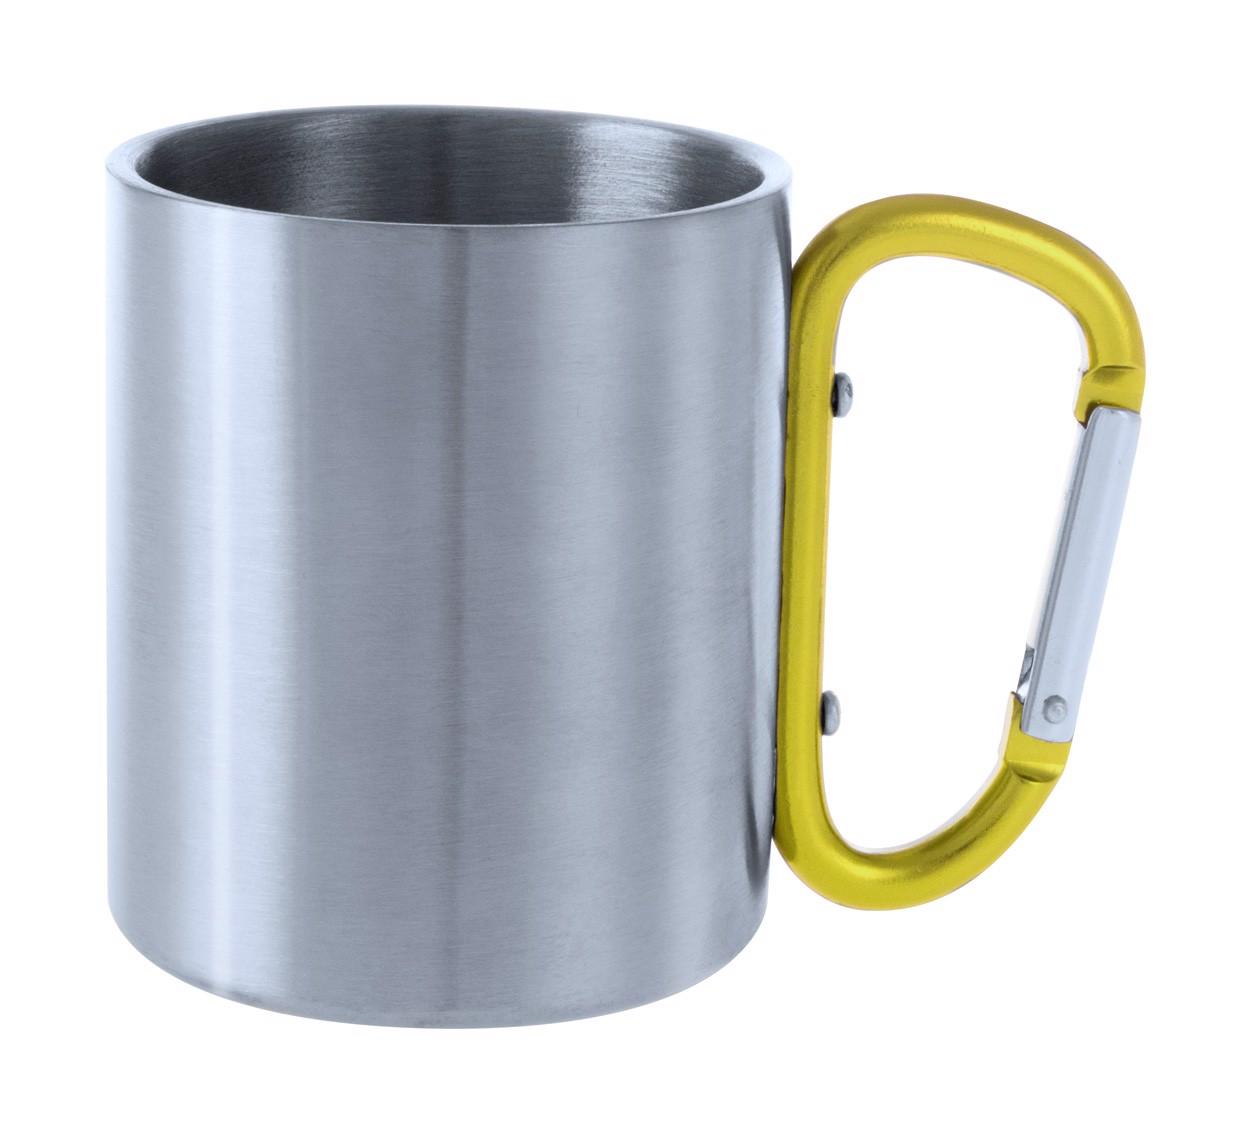 Cană Metalică Bastic - Galben / Argintiu